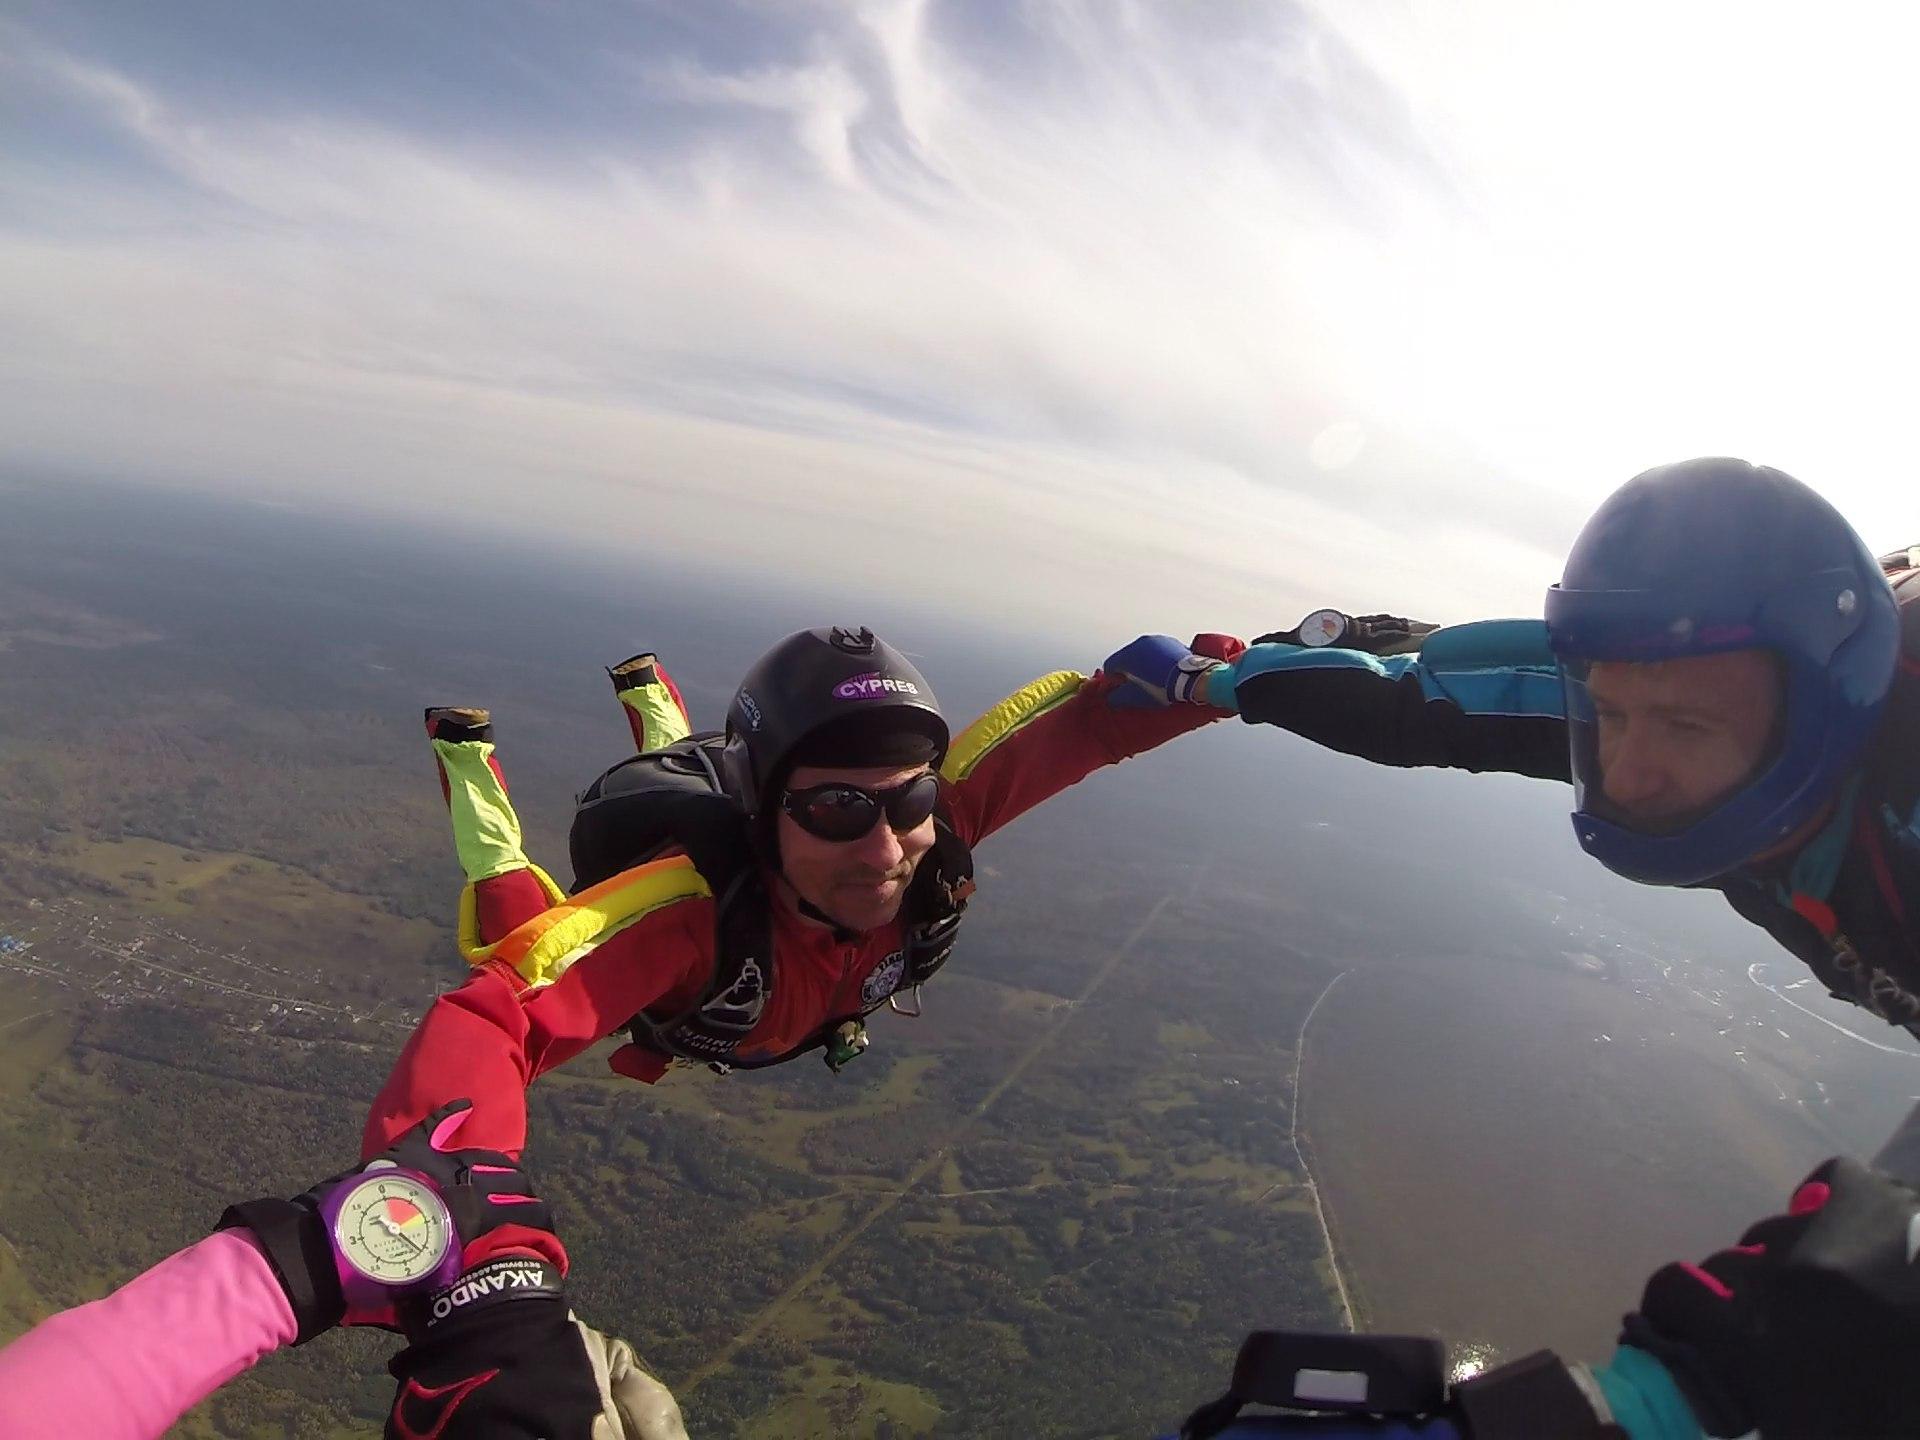 момент прыжка с парашютом